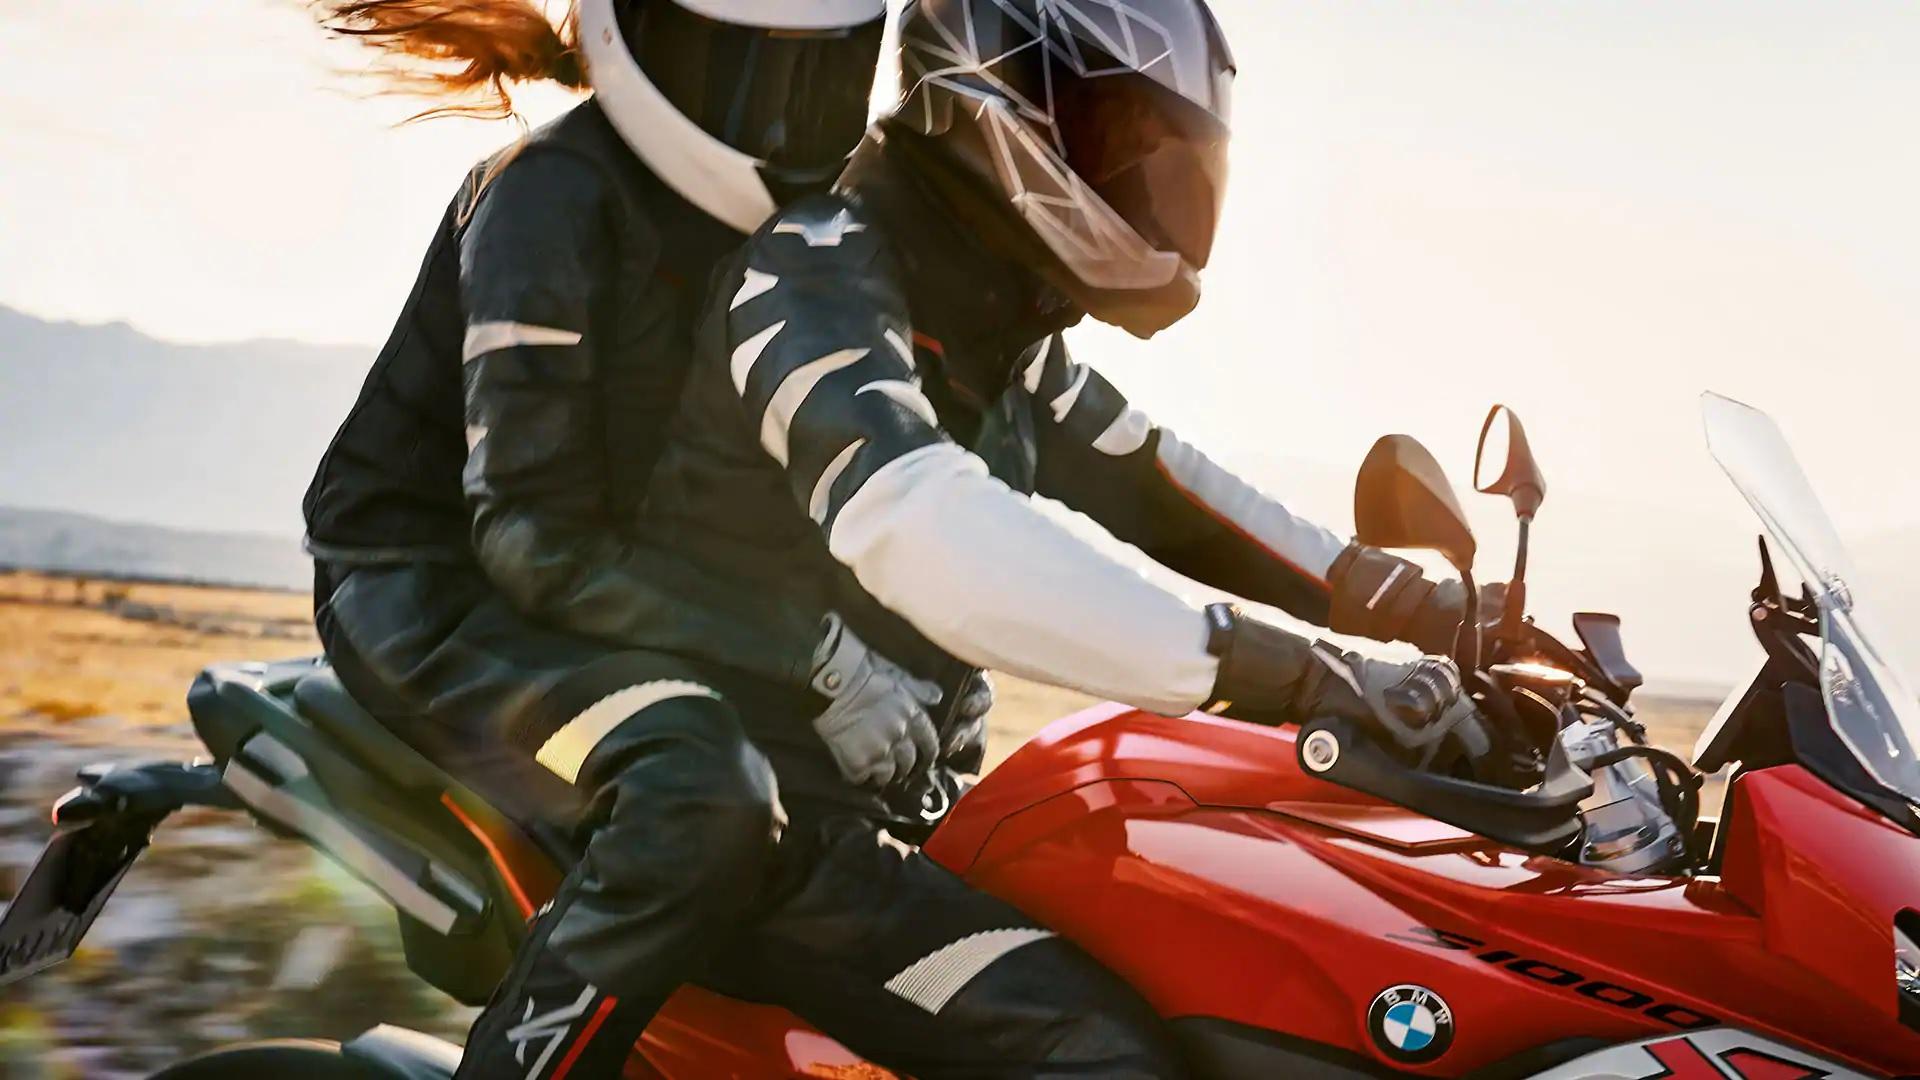 2021 BMW S 1000 XR